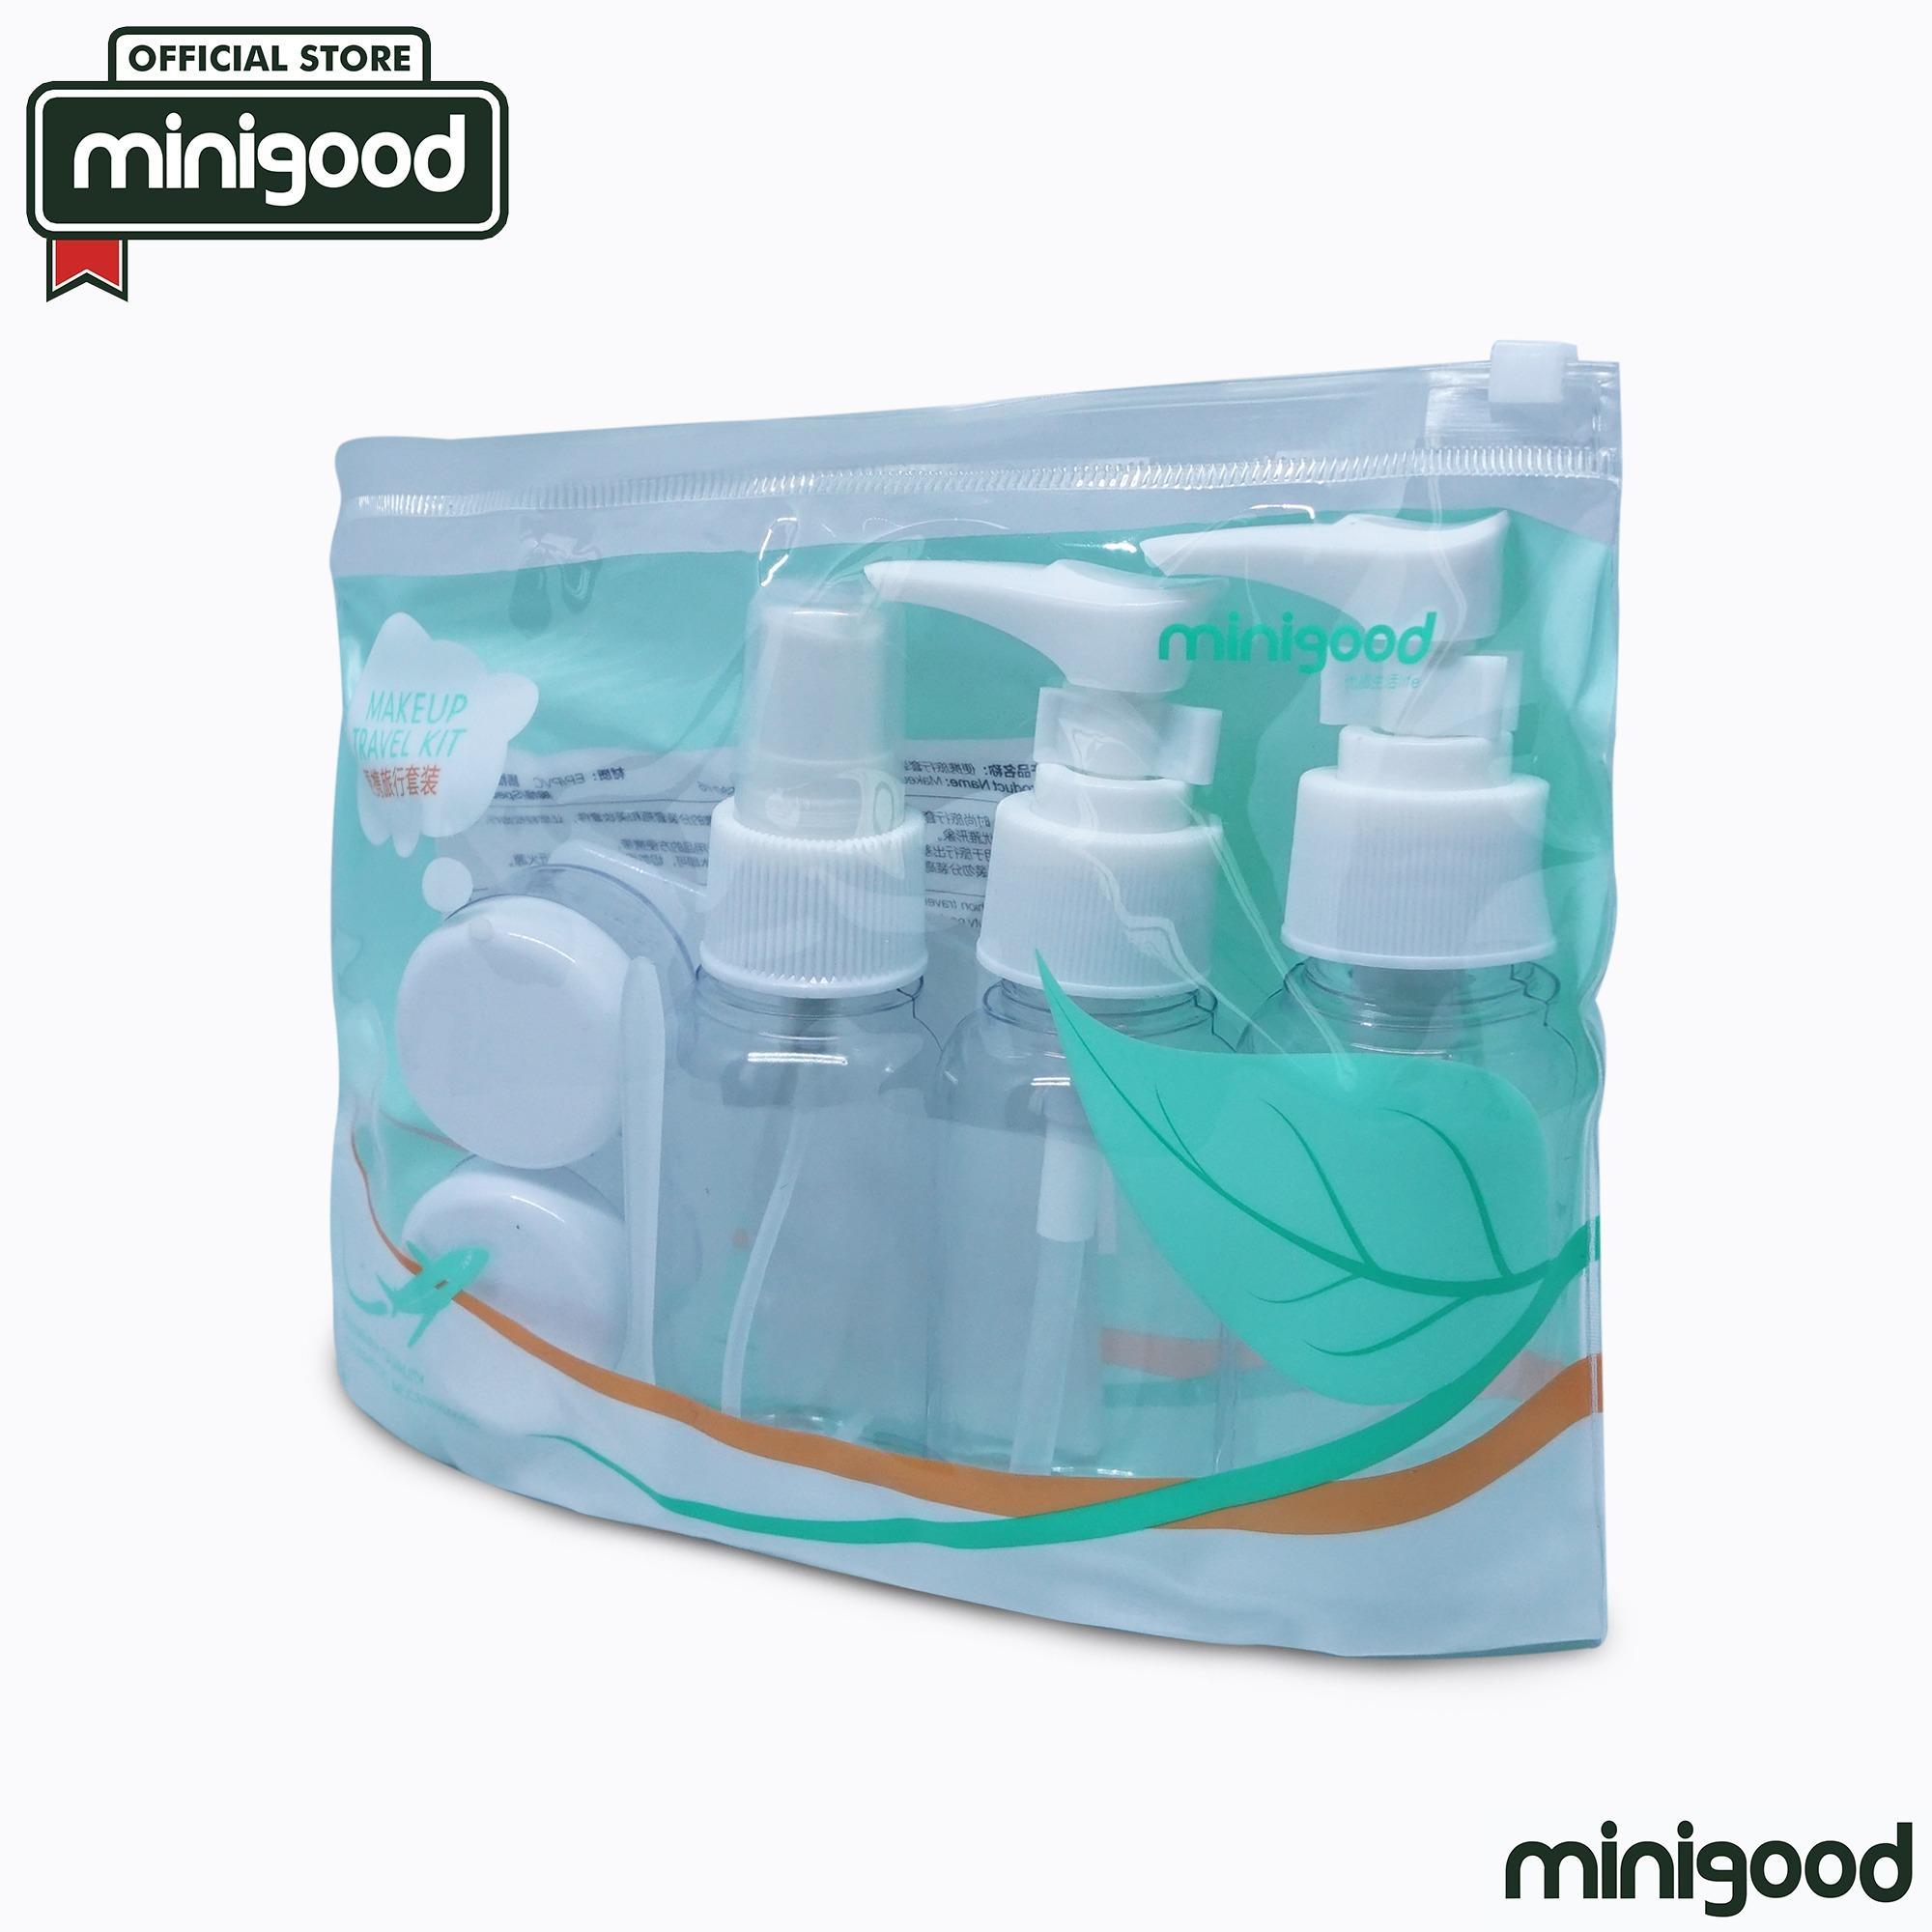 minigood TERBARU travel bottle set 3 botol tekan semprot 2 wadah krim sisir cermin tas kemasan